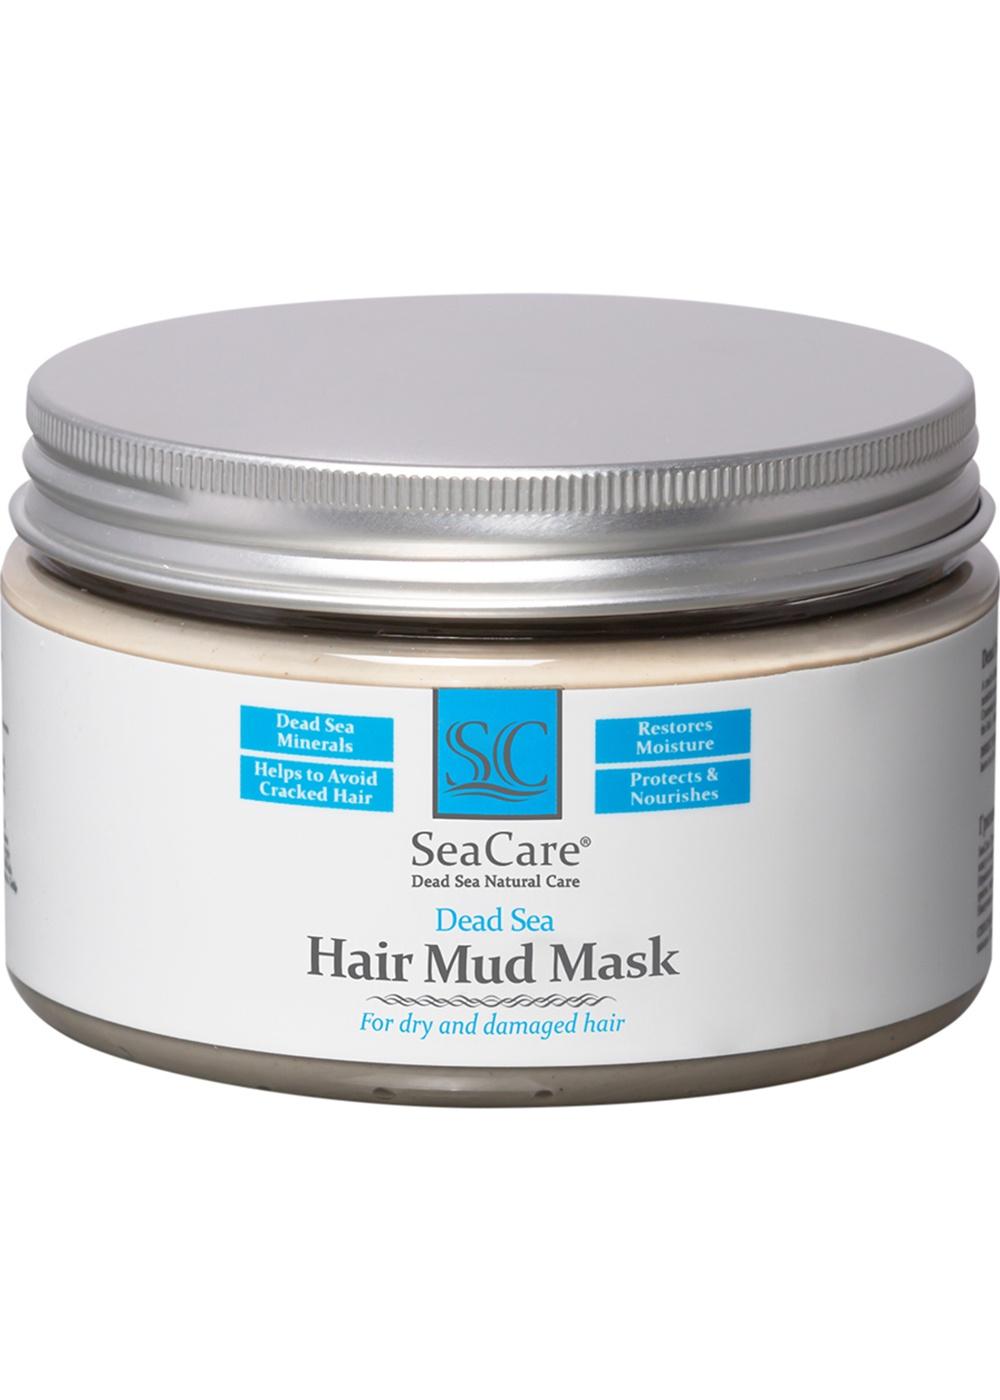 Маска для волос SeaCare Грязевая с минералами Мертвого Моря и растительными экстрактами, 250 гр